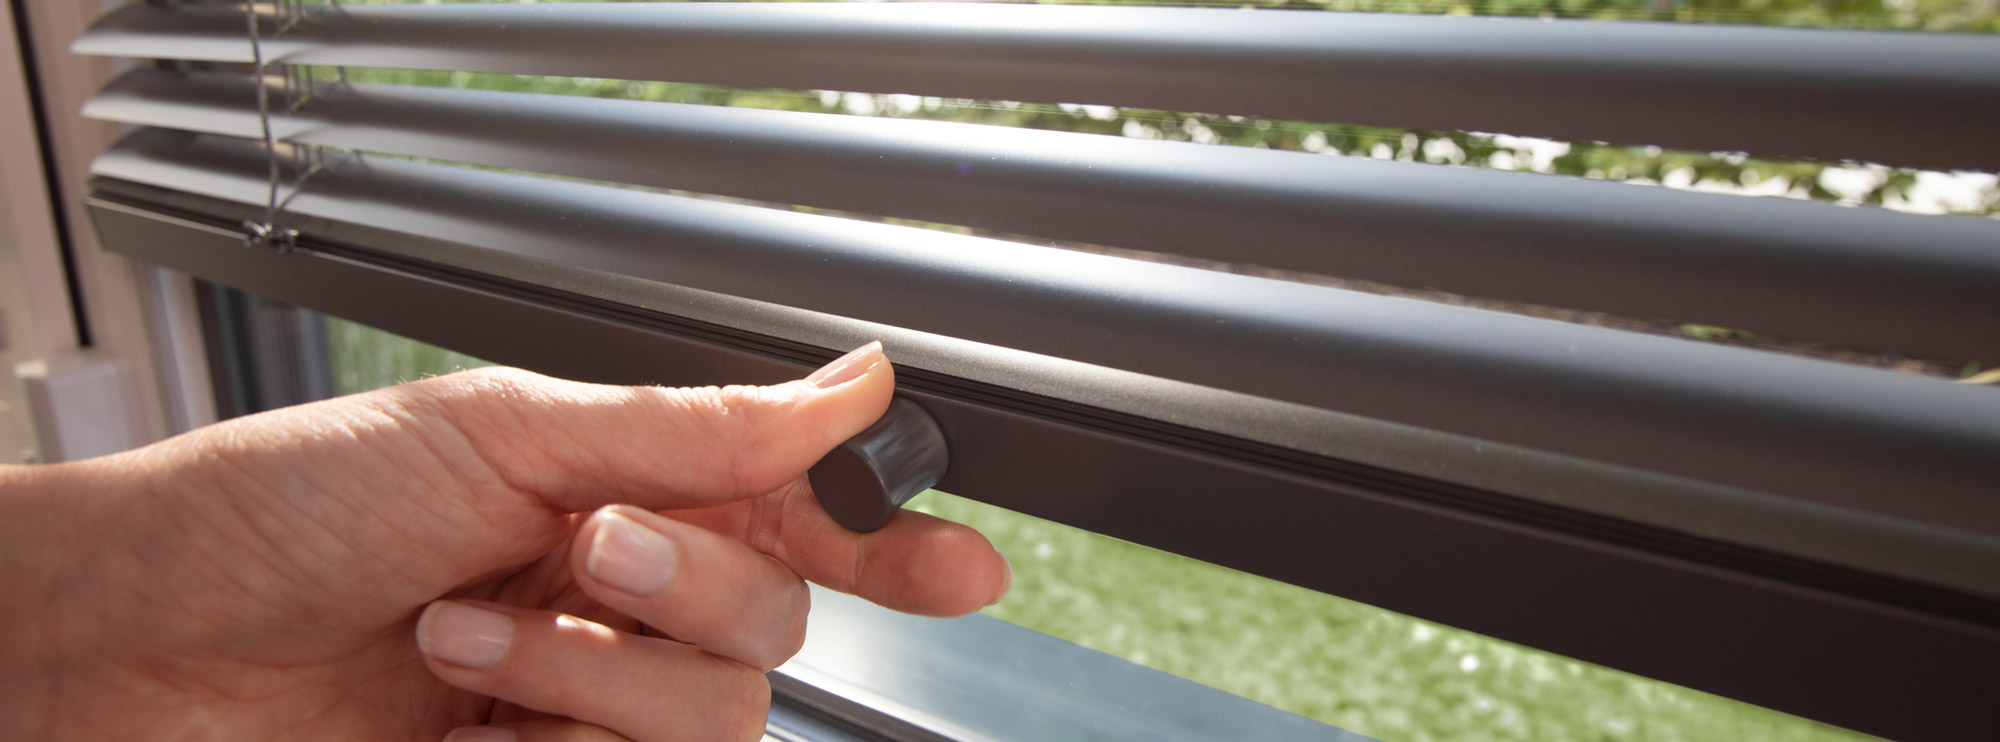 jalousien-mhz-sonnenschutz-fenster-detail